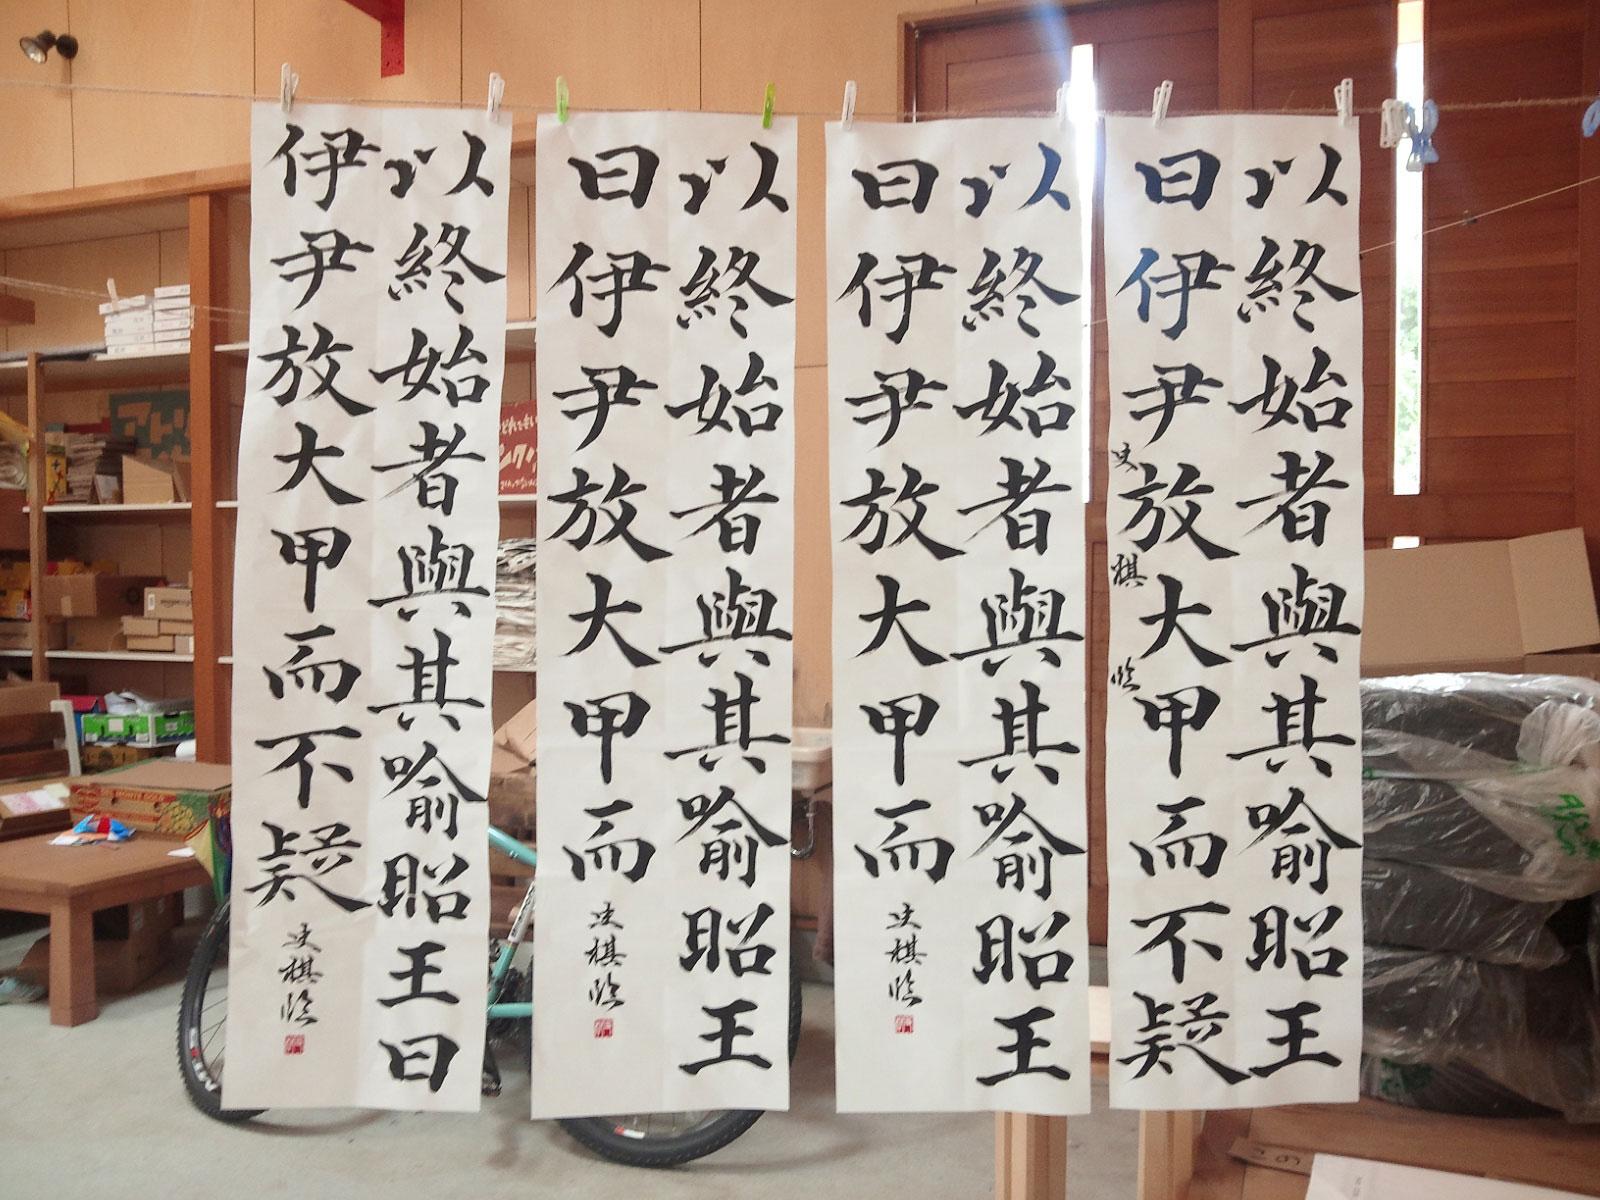 20130514_rin_gakkiron_1.jpg